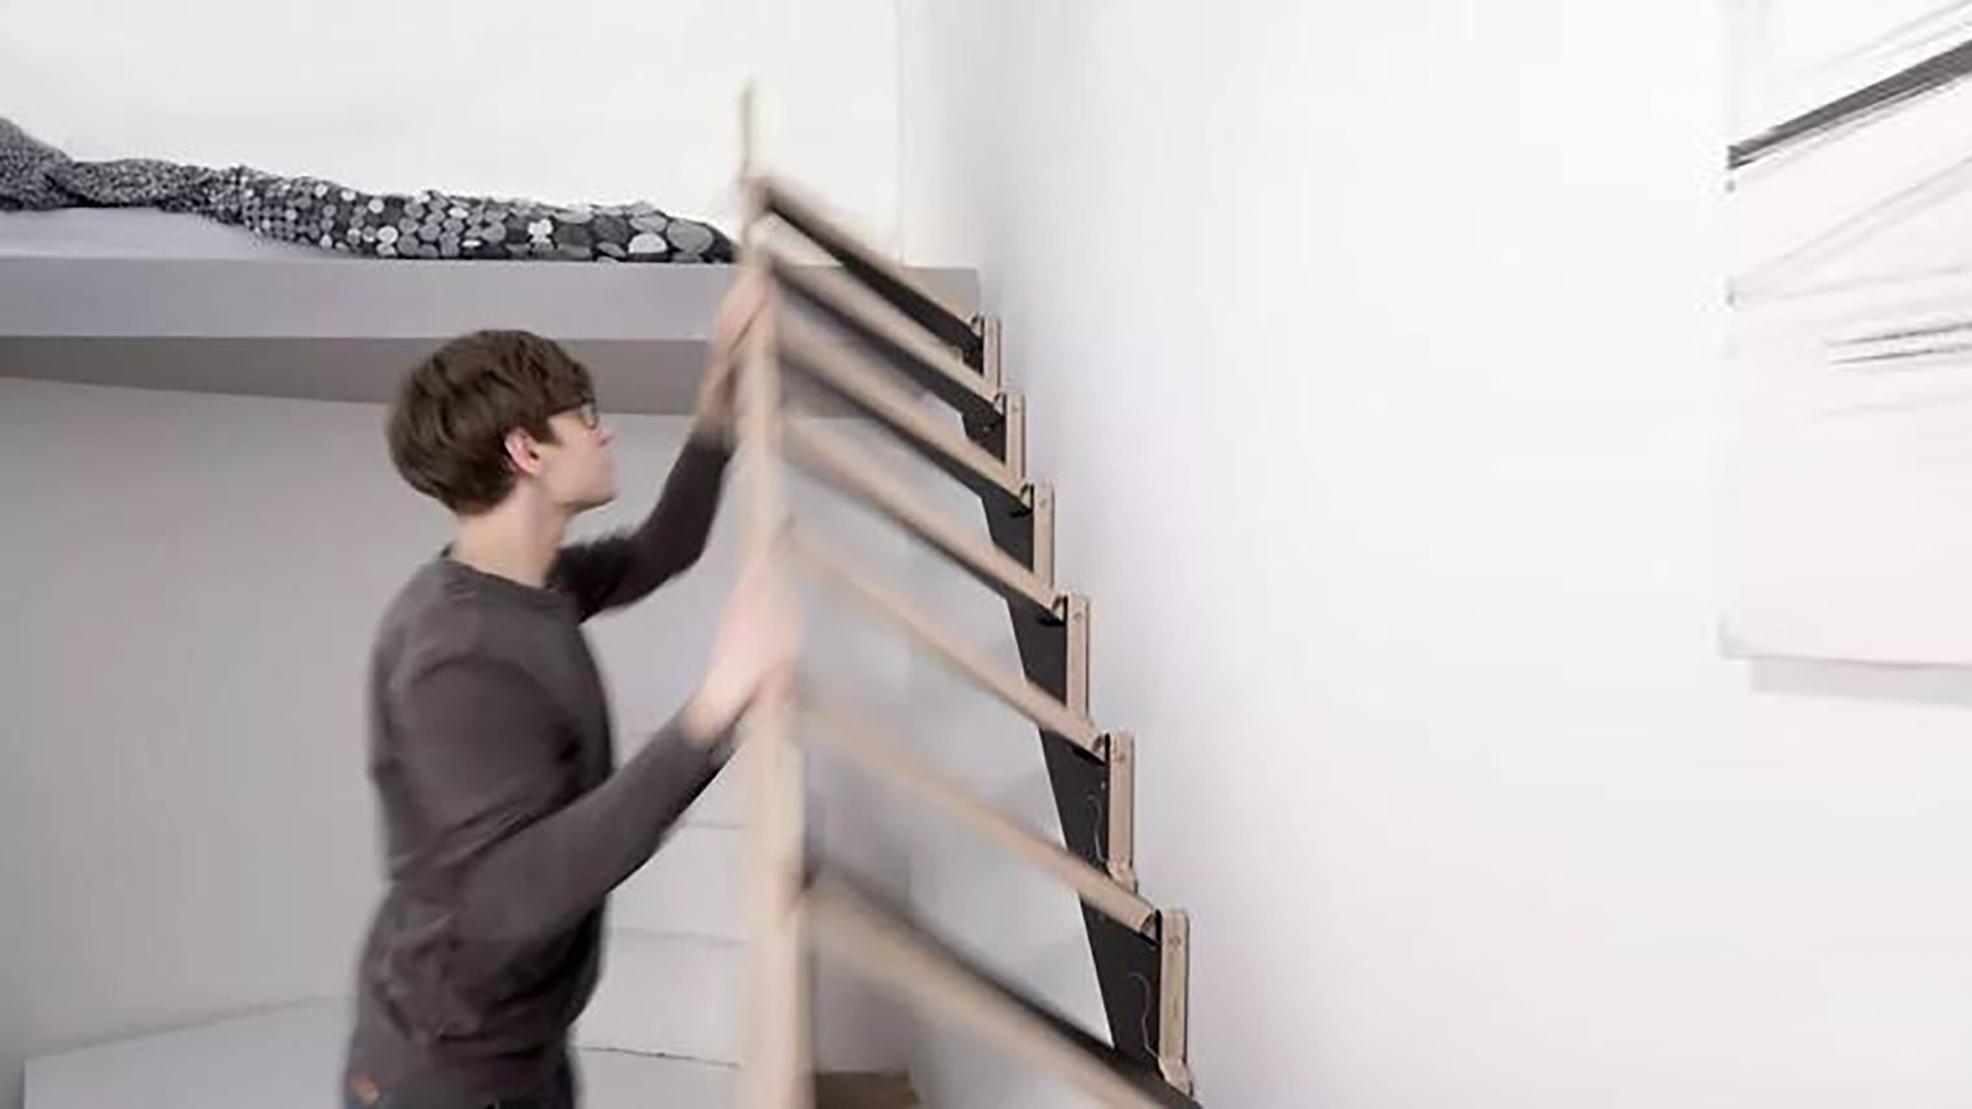 能贴在墙上的楼梯,不占空间,像挂在墙上的装饰画